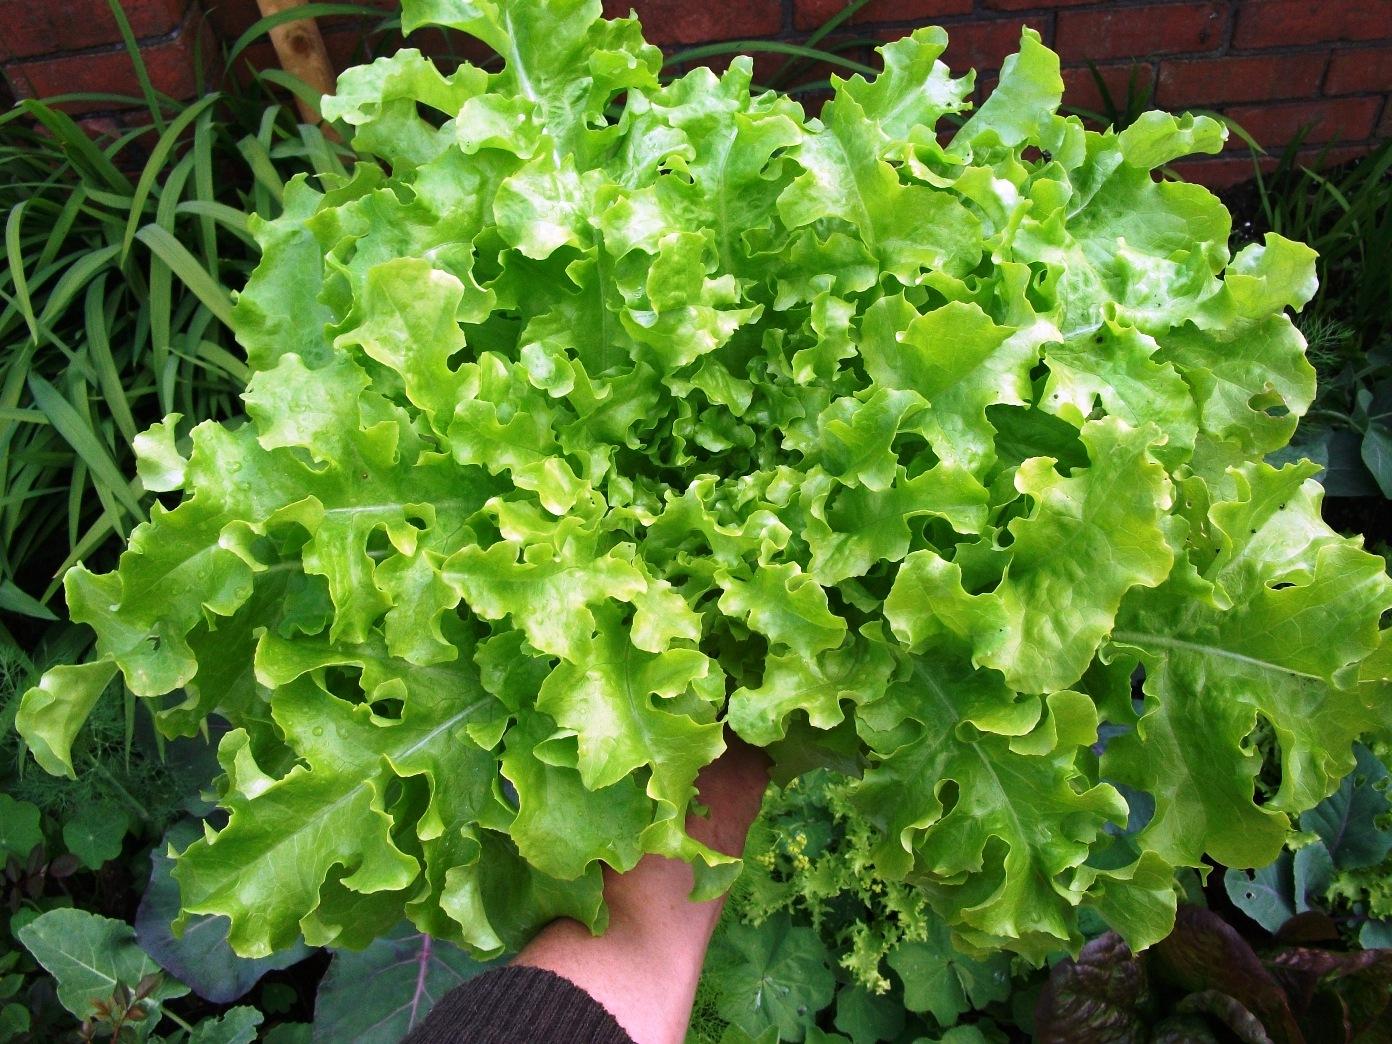 ผักสลัดโบว์ลเขียว - White Salad Bowl Lettuce